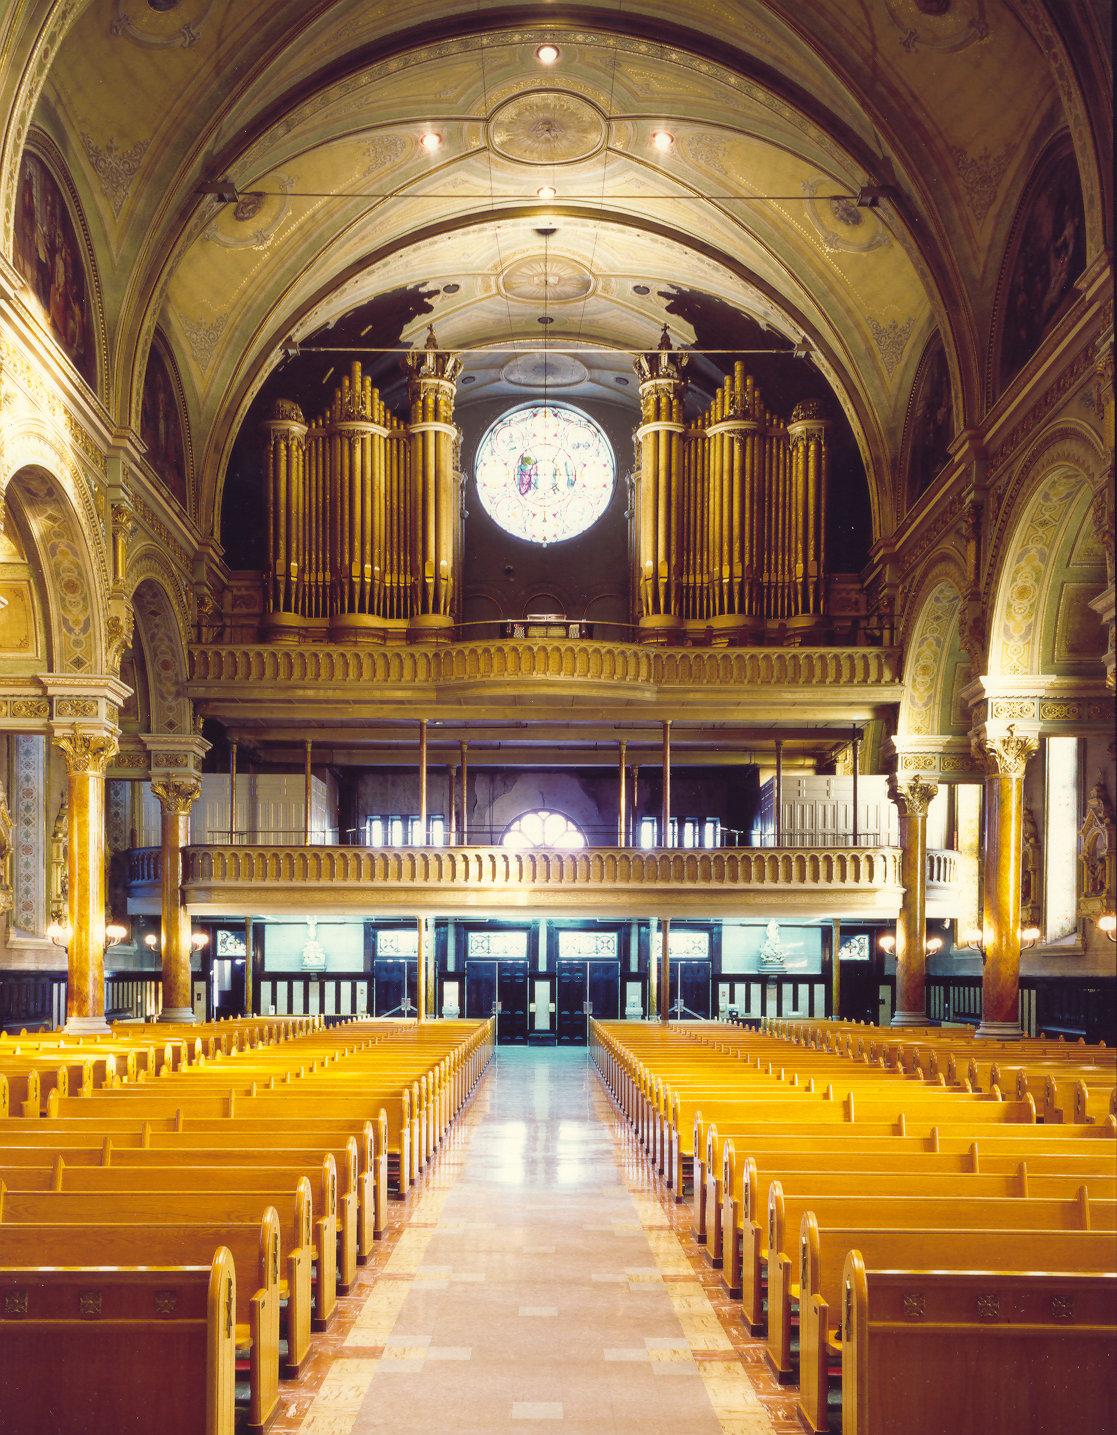 Orgue de tribune, Casavant Opus 600, 1915, église Très-Saint-Nom-de-Jésus, Montréal, QC